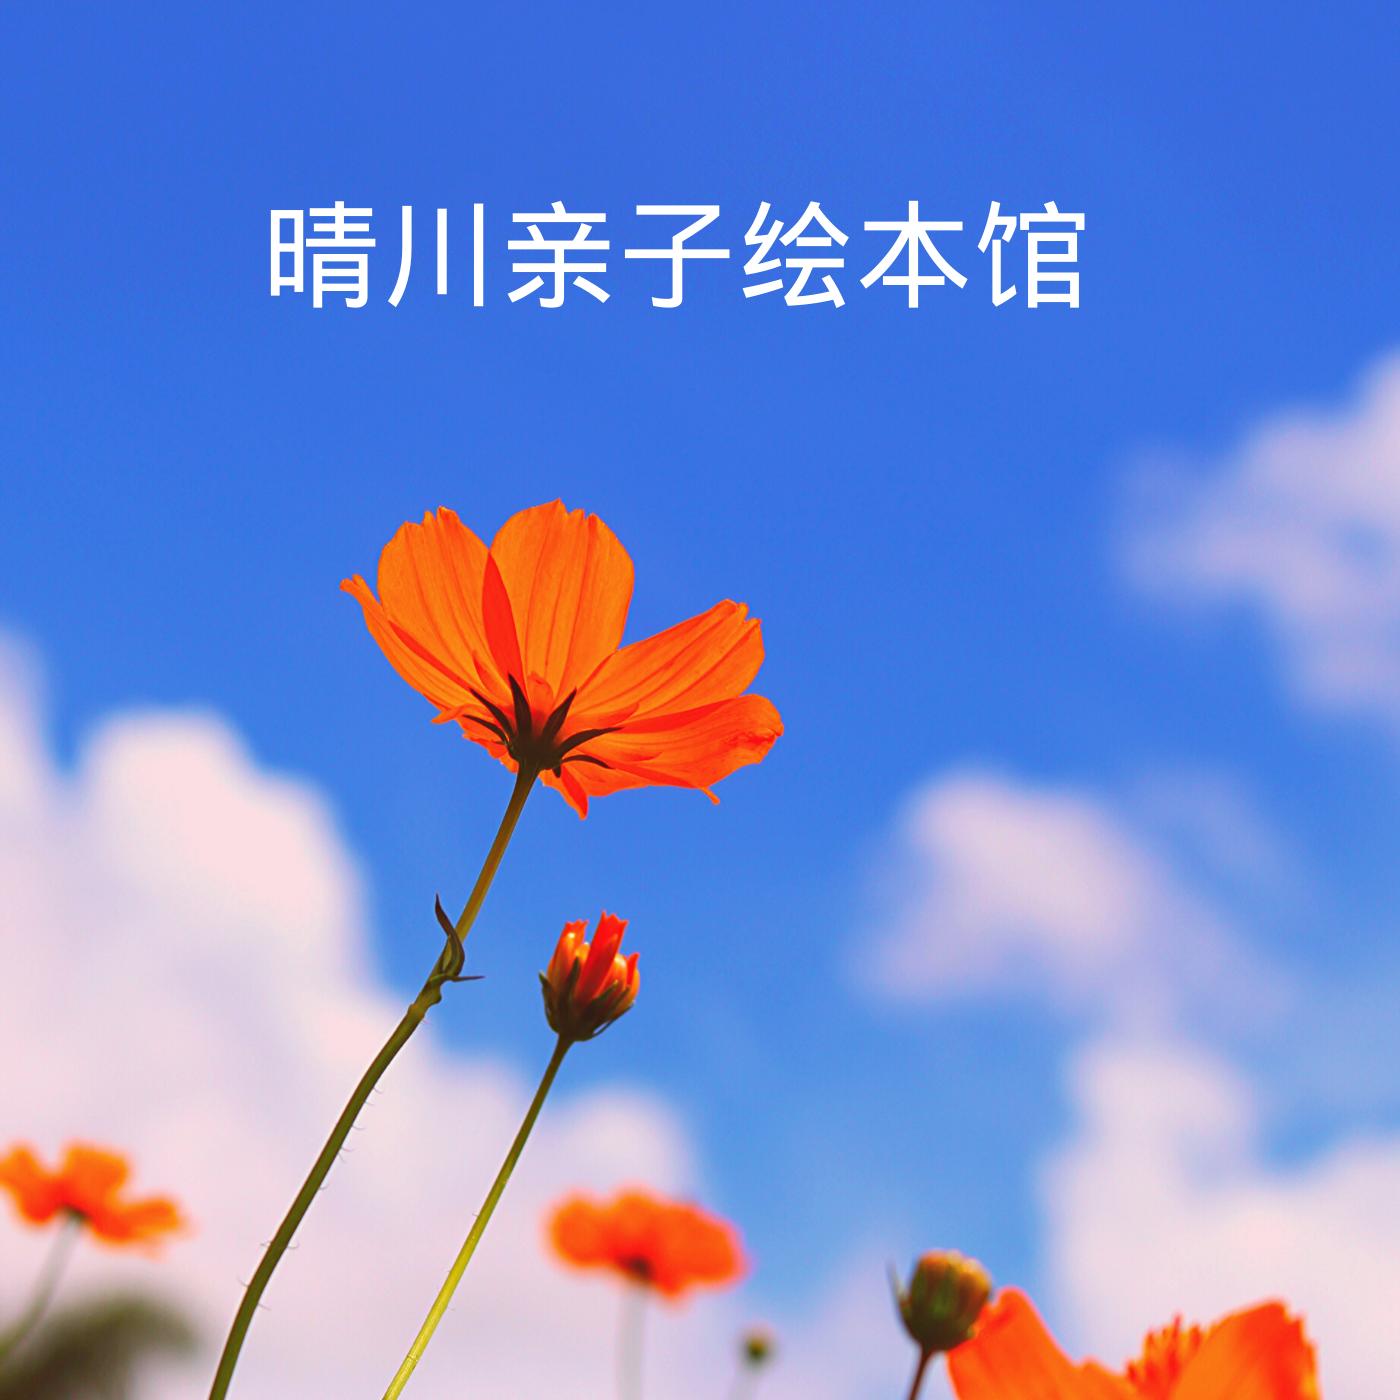 晴川亲子绘本馆